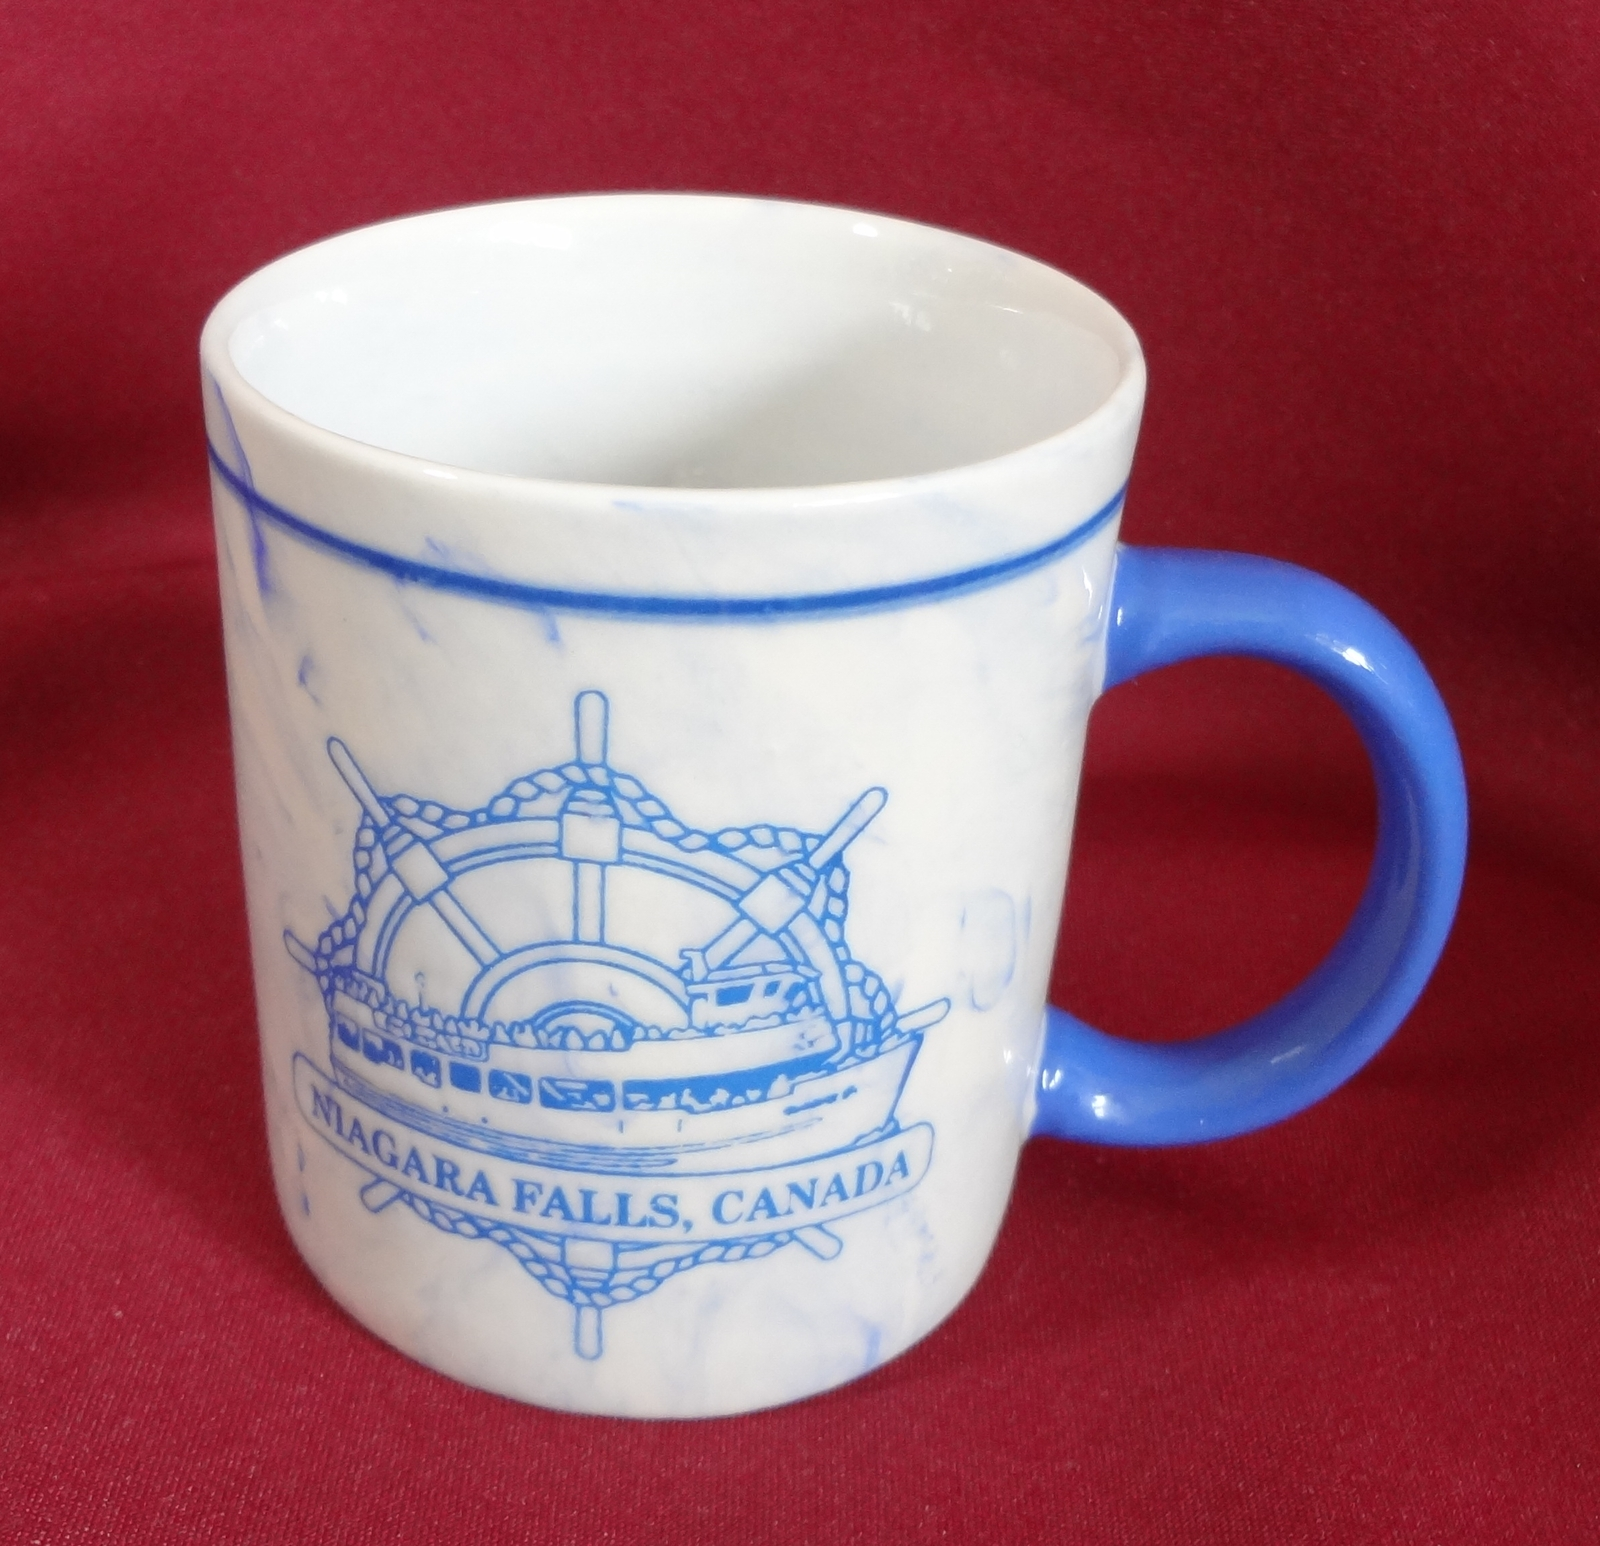 Niagara falls canada maid of the mist 10 oz coffee cup mug  1